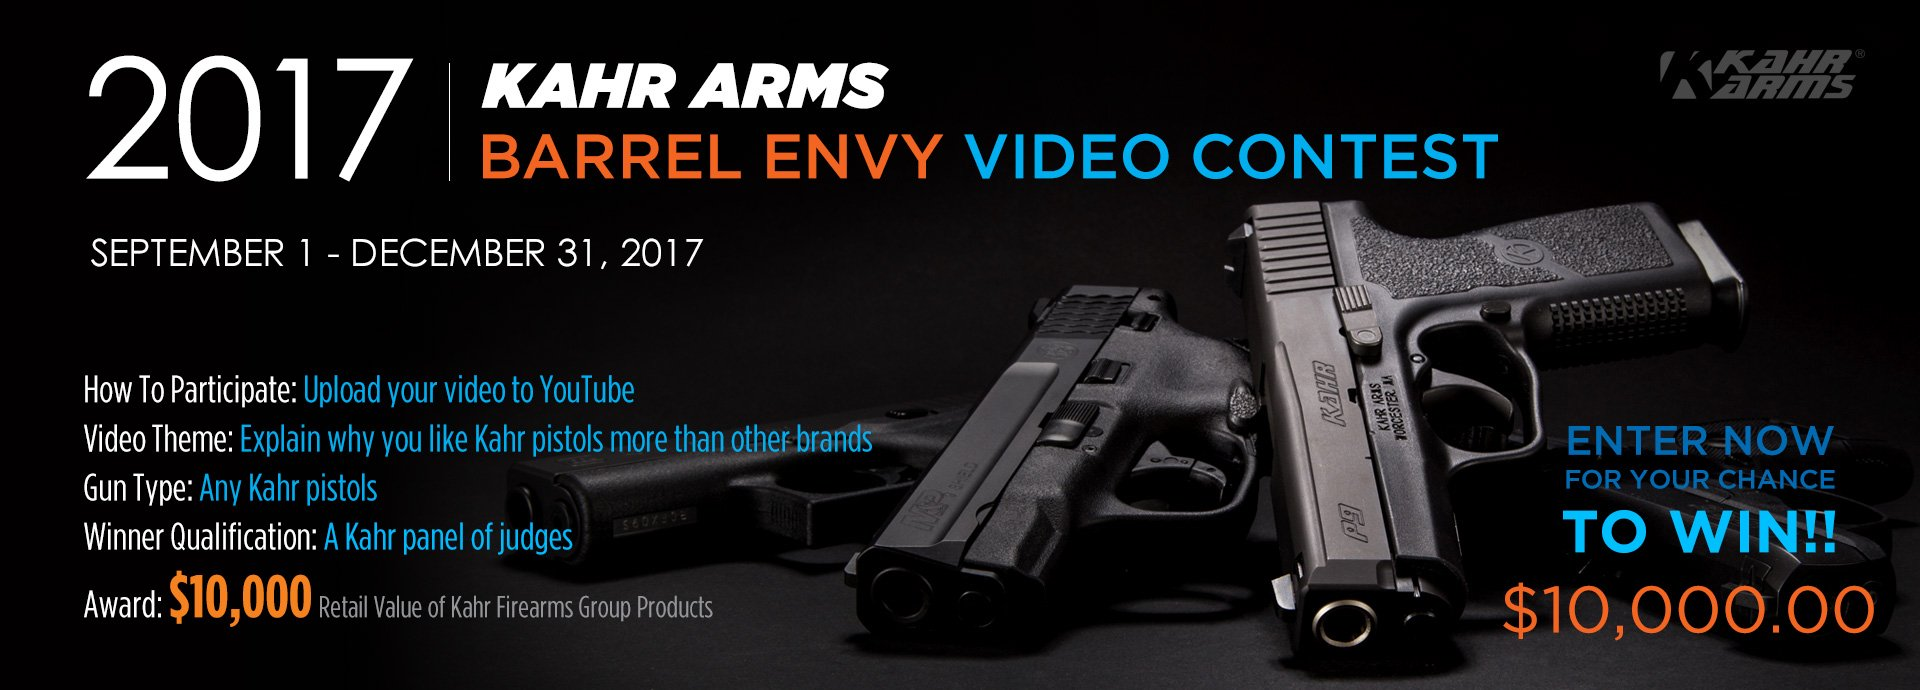 Kahr® Arms Kicks Off 2017 Barrel Envy Video Contest - Magnum